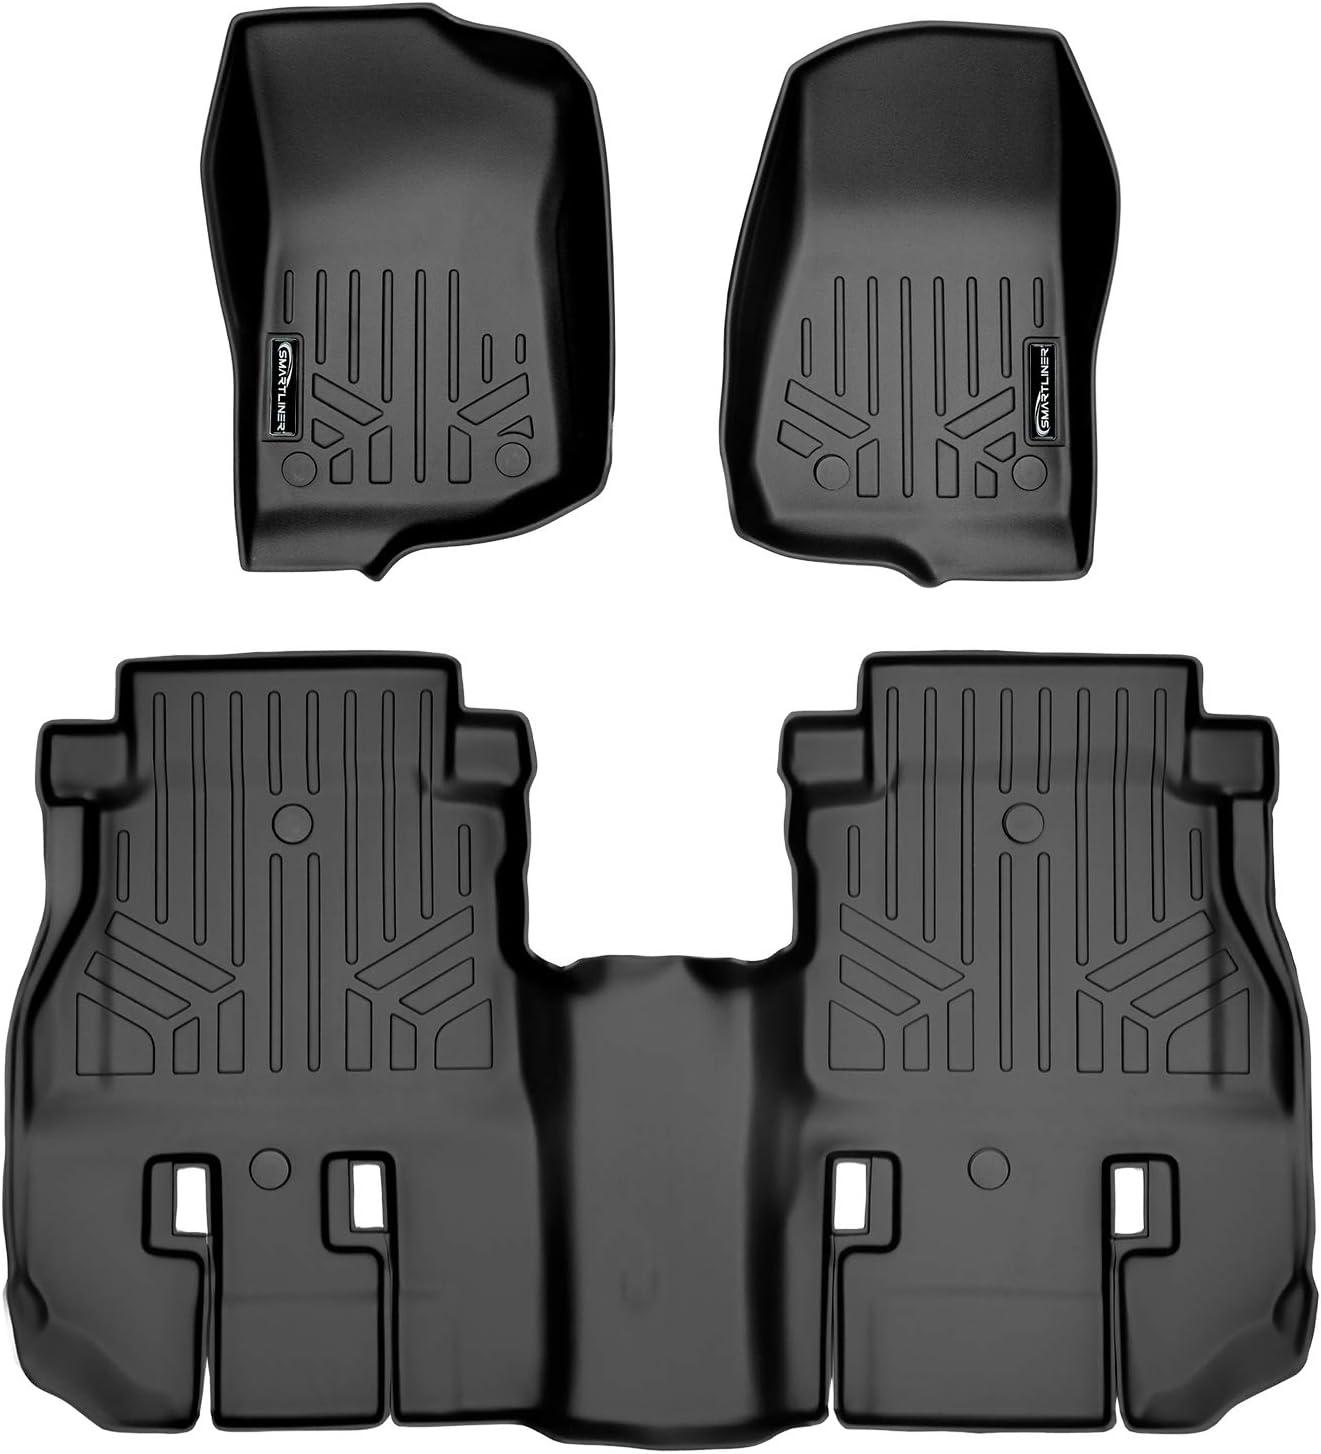 SMARTLINER Floor Mats 2 Row Liner Set Black for 2018 2019 Jeep Wrangler Unlimited 4 Door JL New Body Style not JK